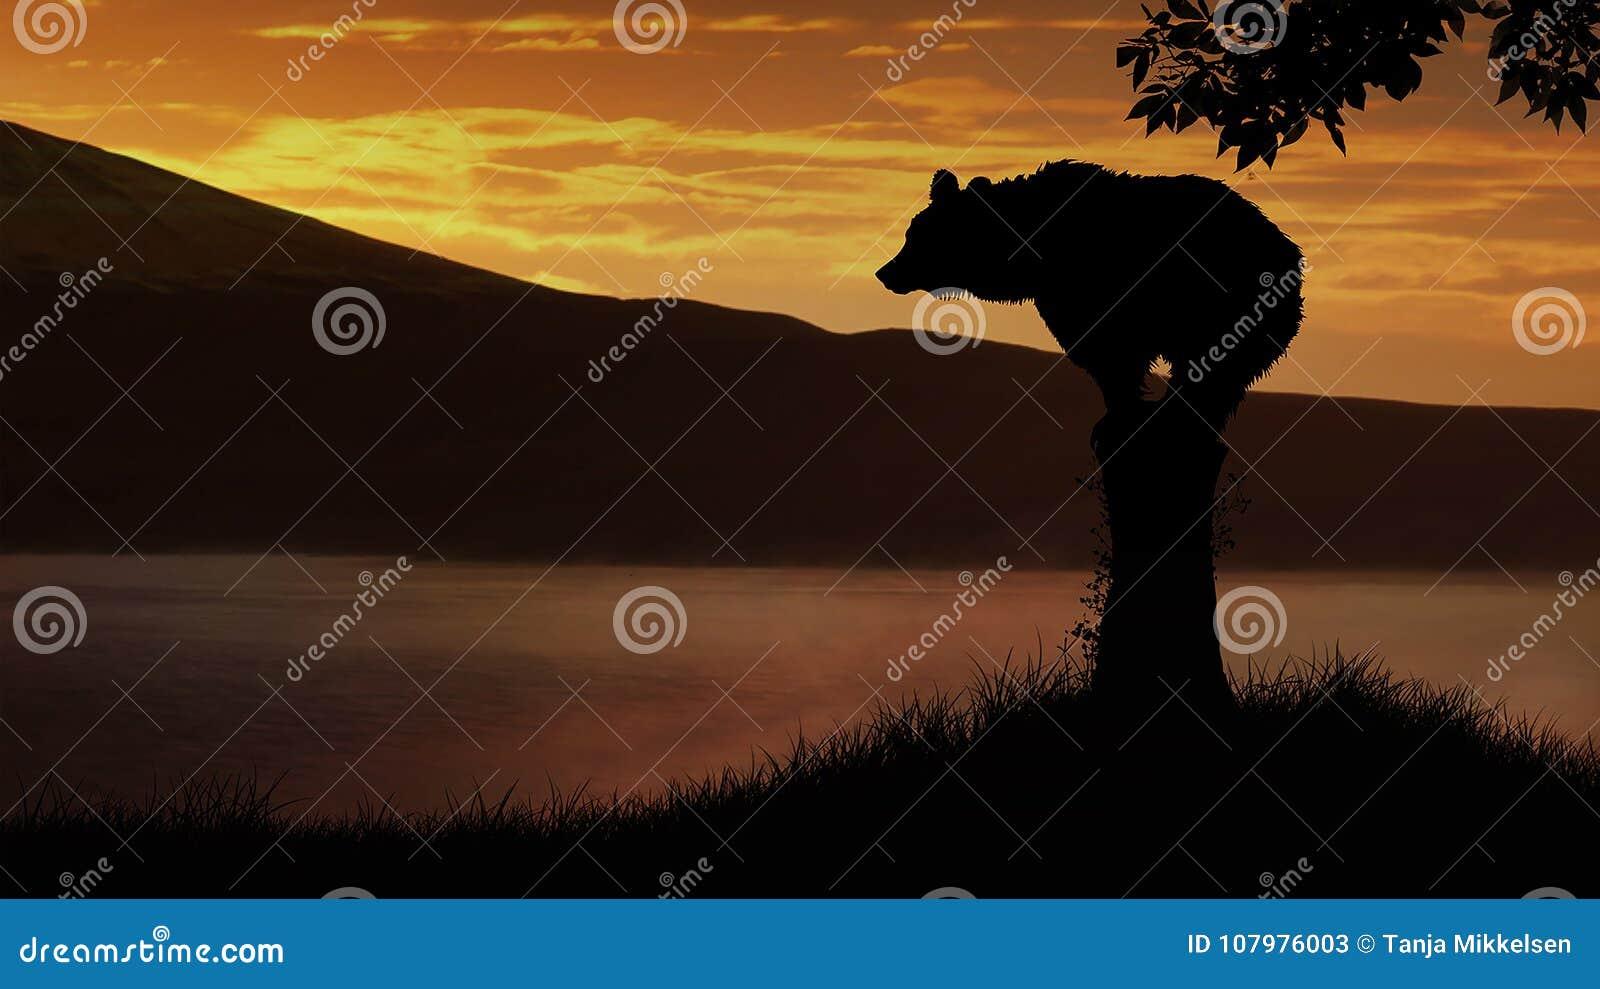 Bear at sunset